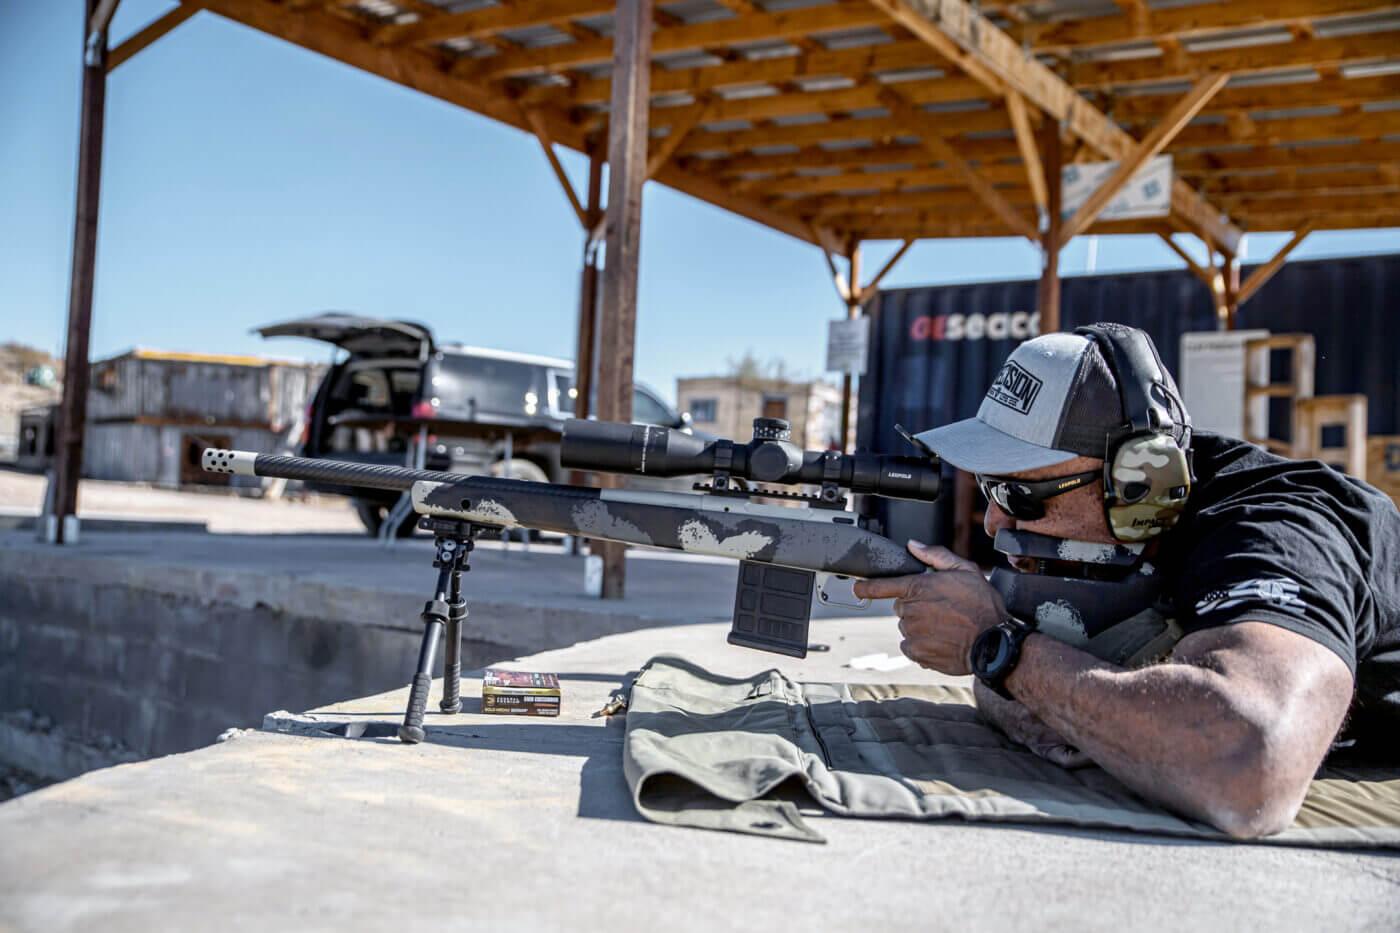 Shooting the Waypoint 6mm Creedmoor rifle